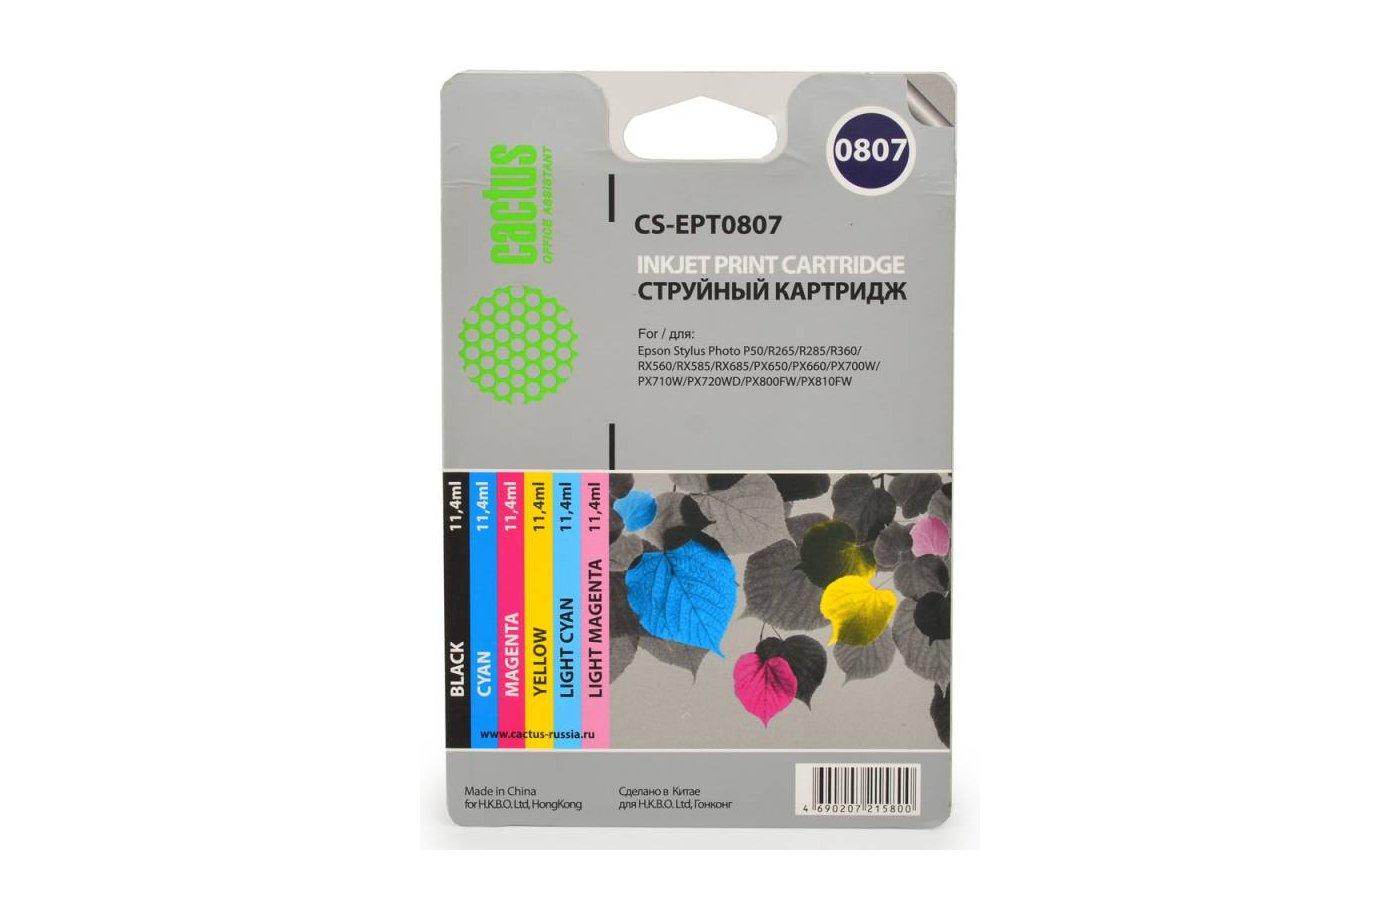 Картридж струйный Cactus CS-EPT0807 совместимый многоцветный для Epson Stylus Photo P50 (11,4ml) Комплект 6 картриджей